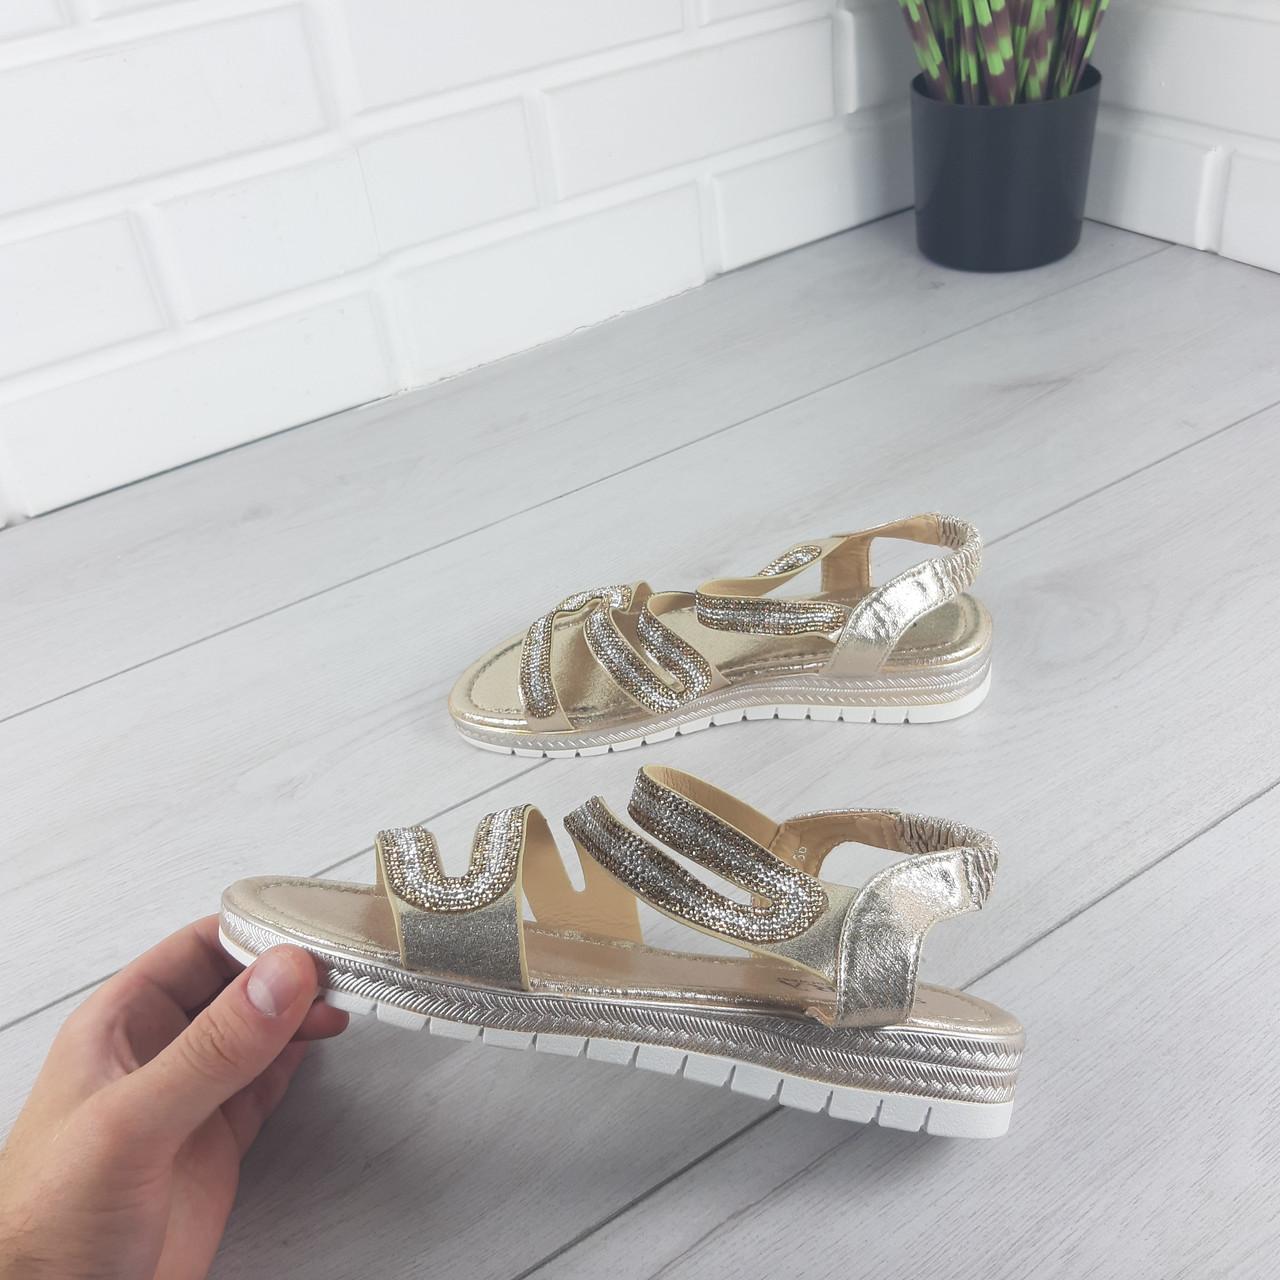 Босоножки женские, сандалии летние . Босоножки на плоской подошве золото из эко кожи